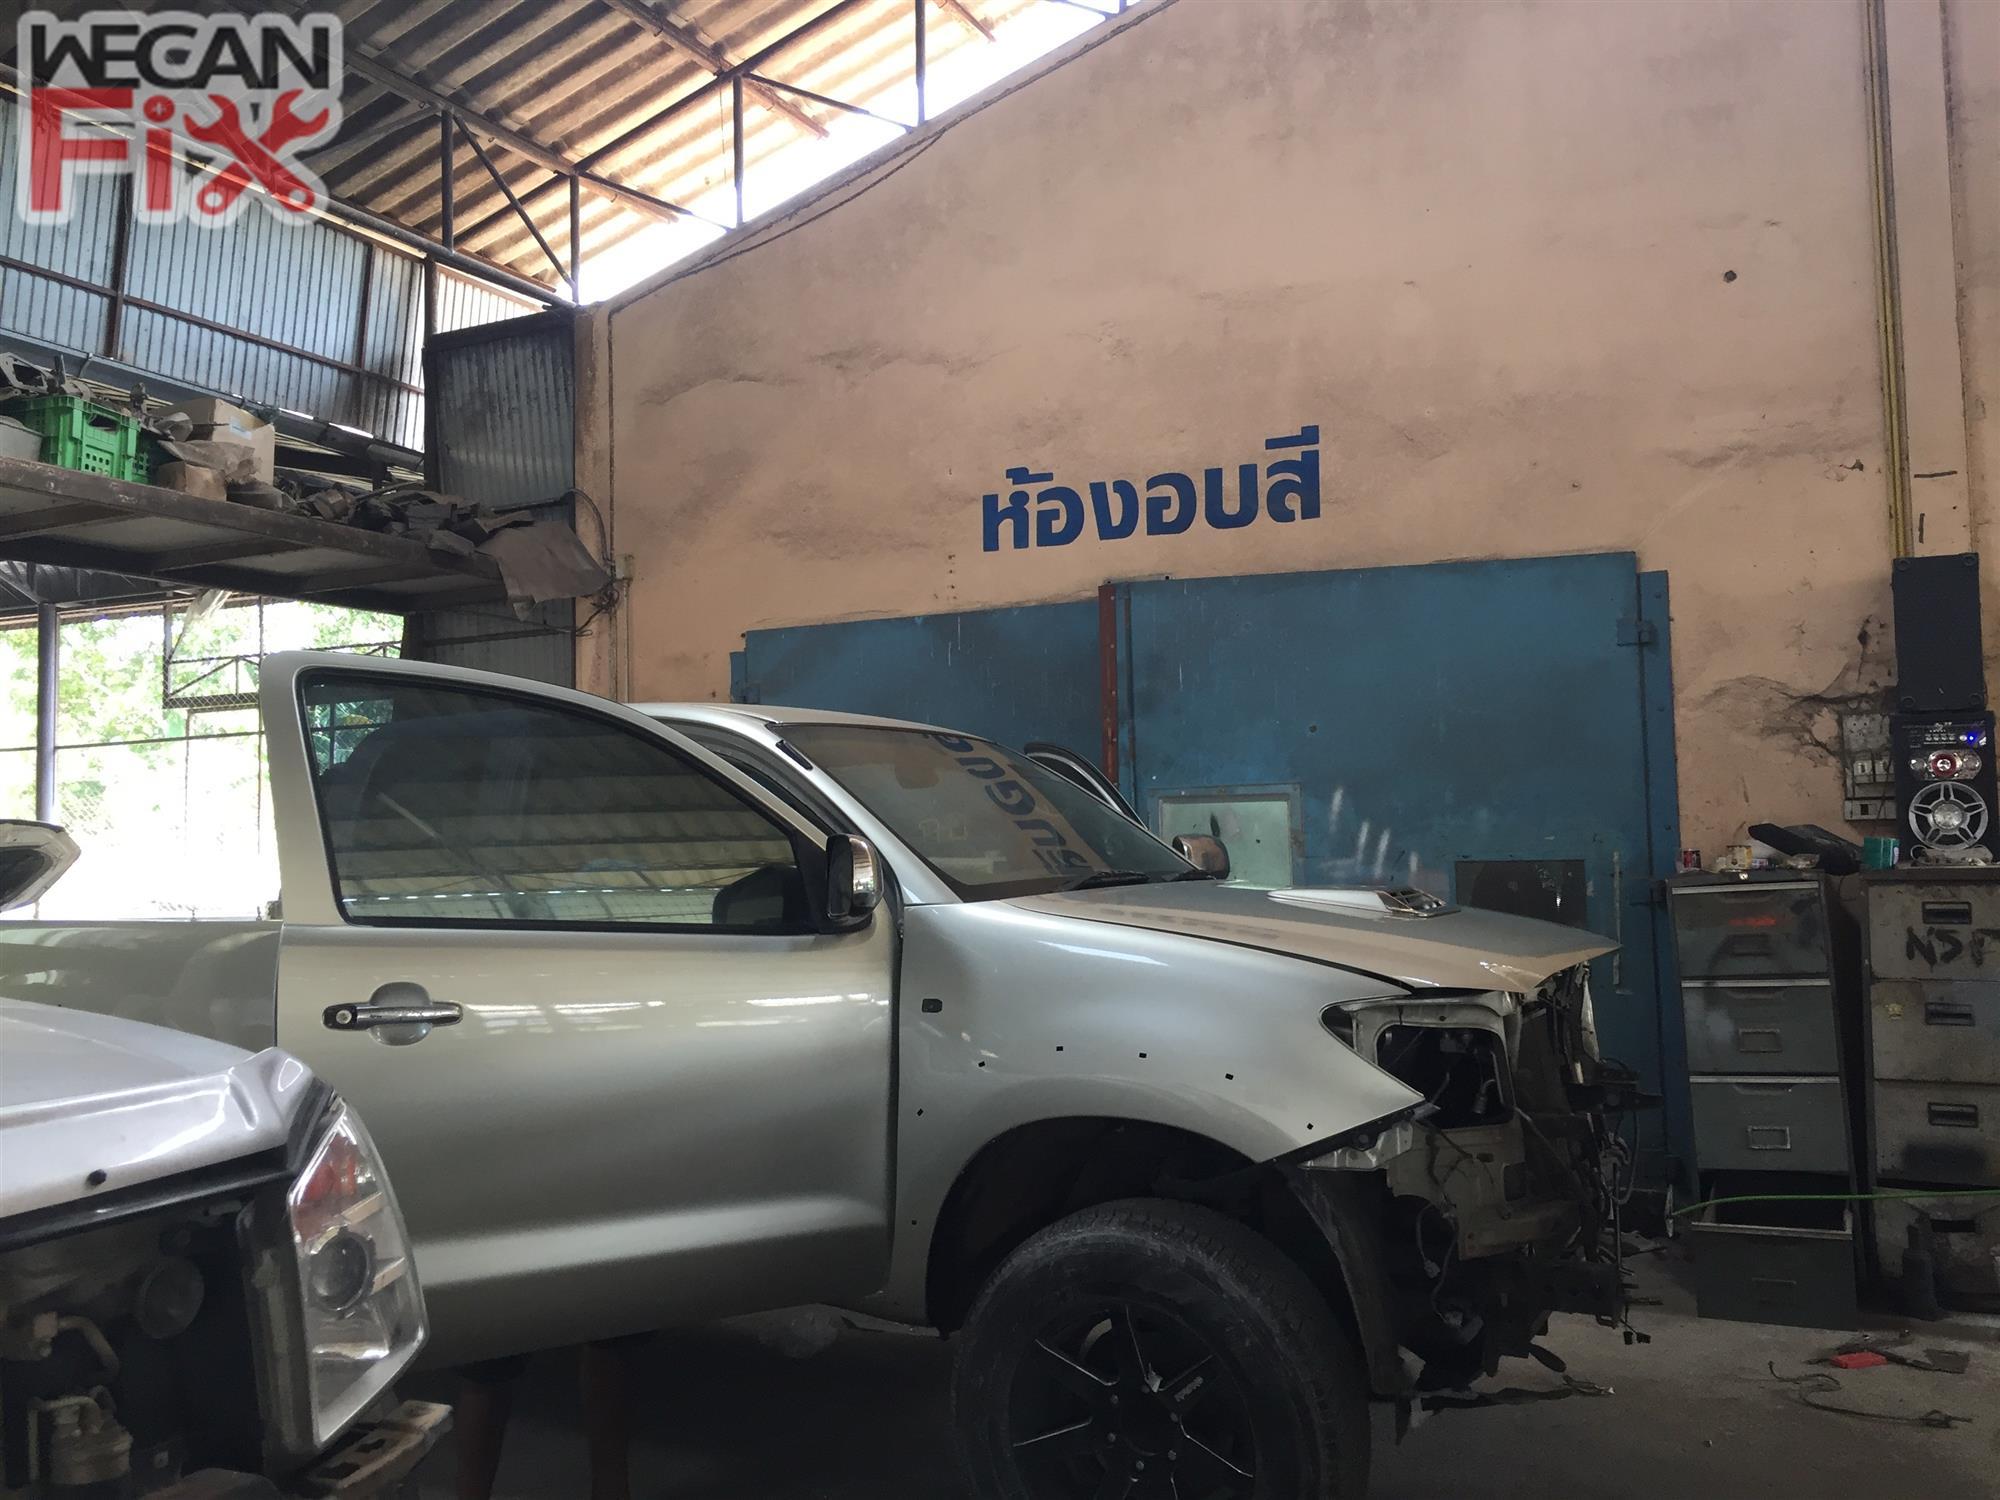 ที่จอดรถระหว่างการซ่อม